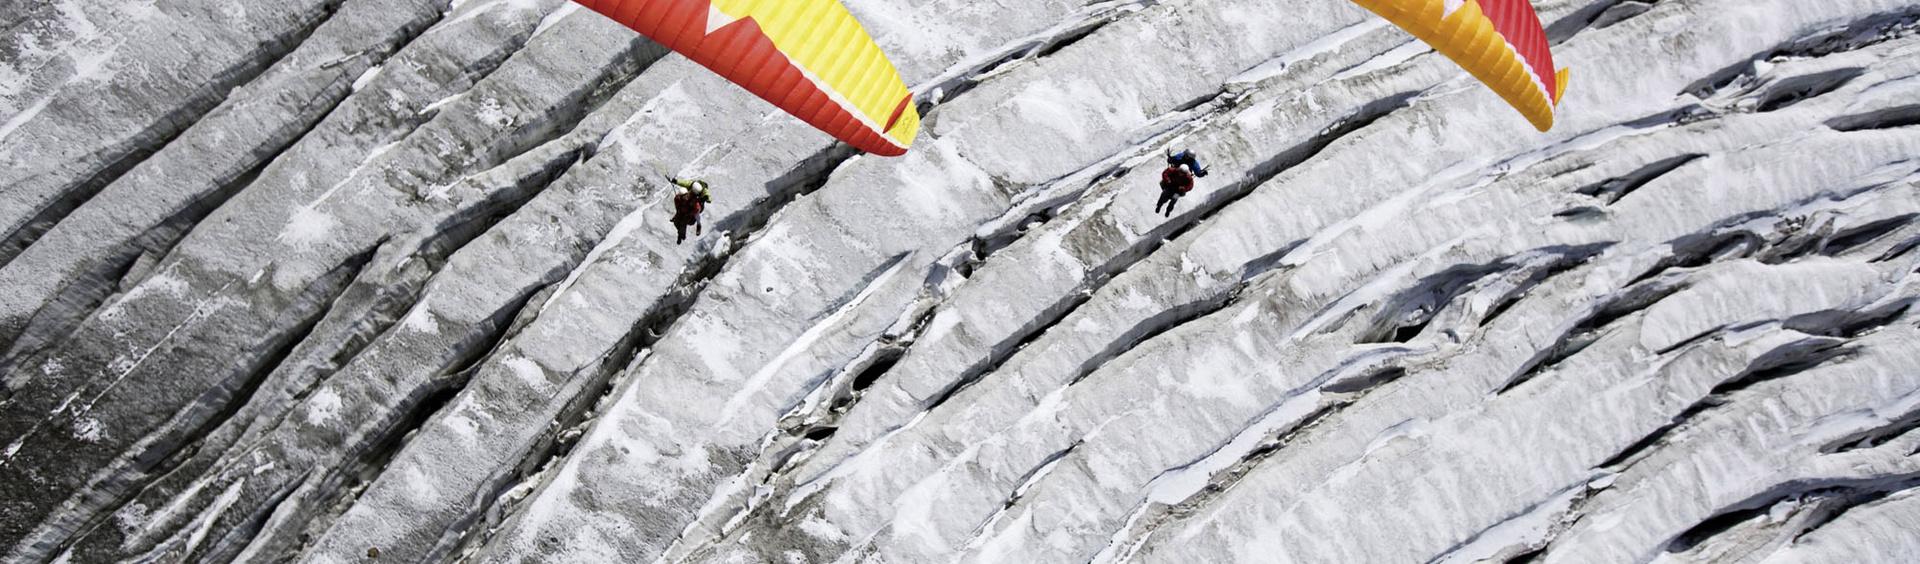 Paragliding - Martin Scheel azoom.ch